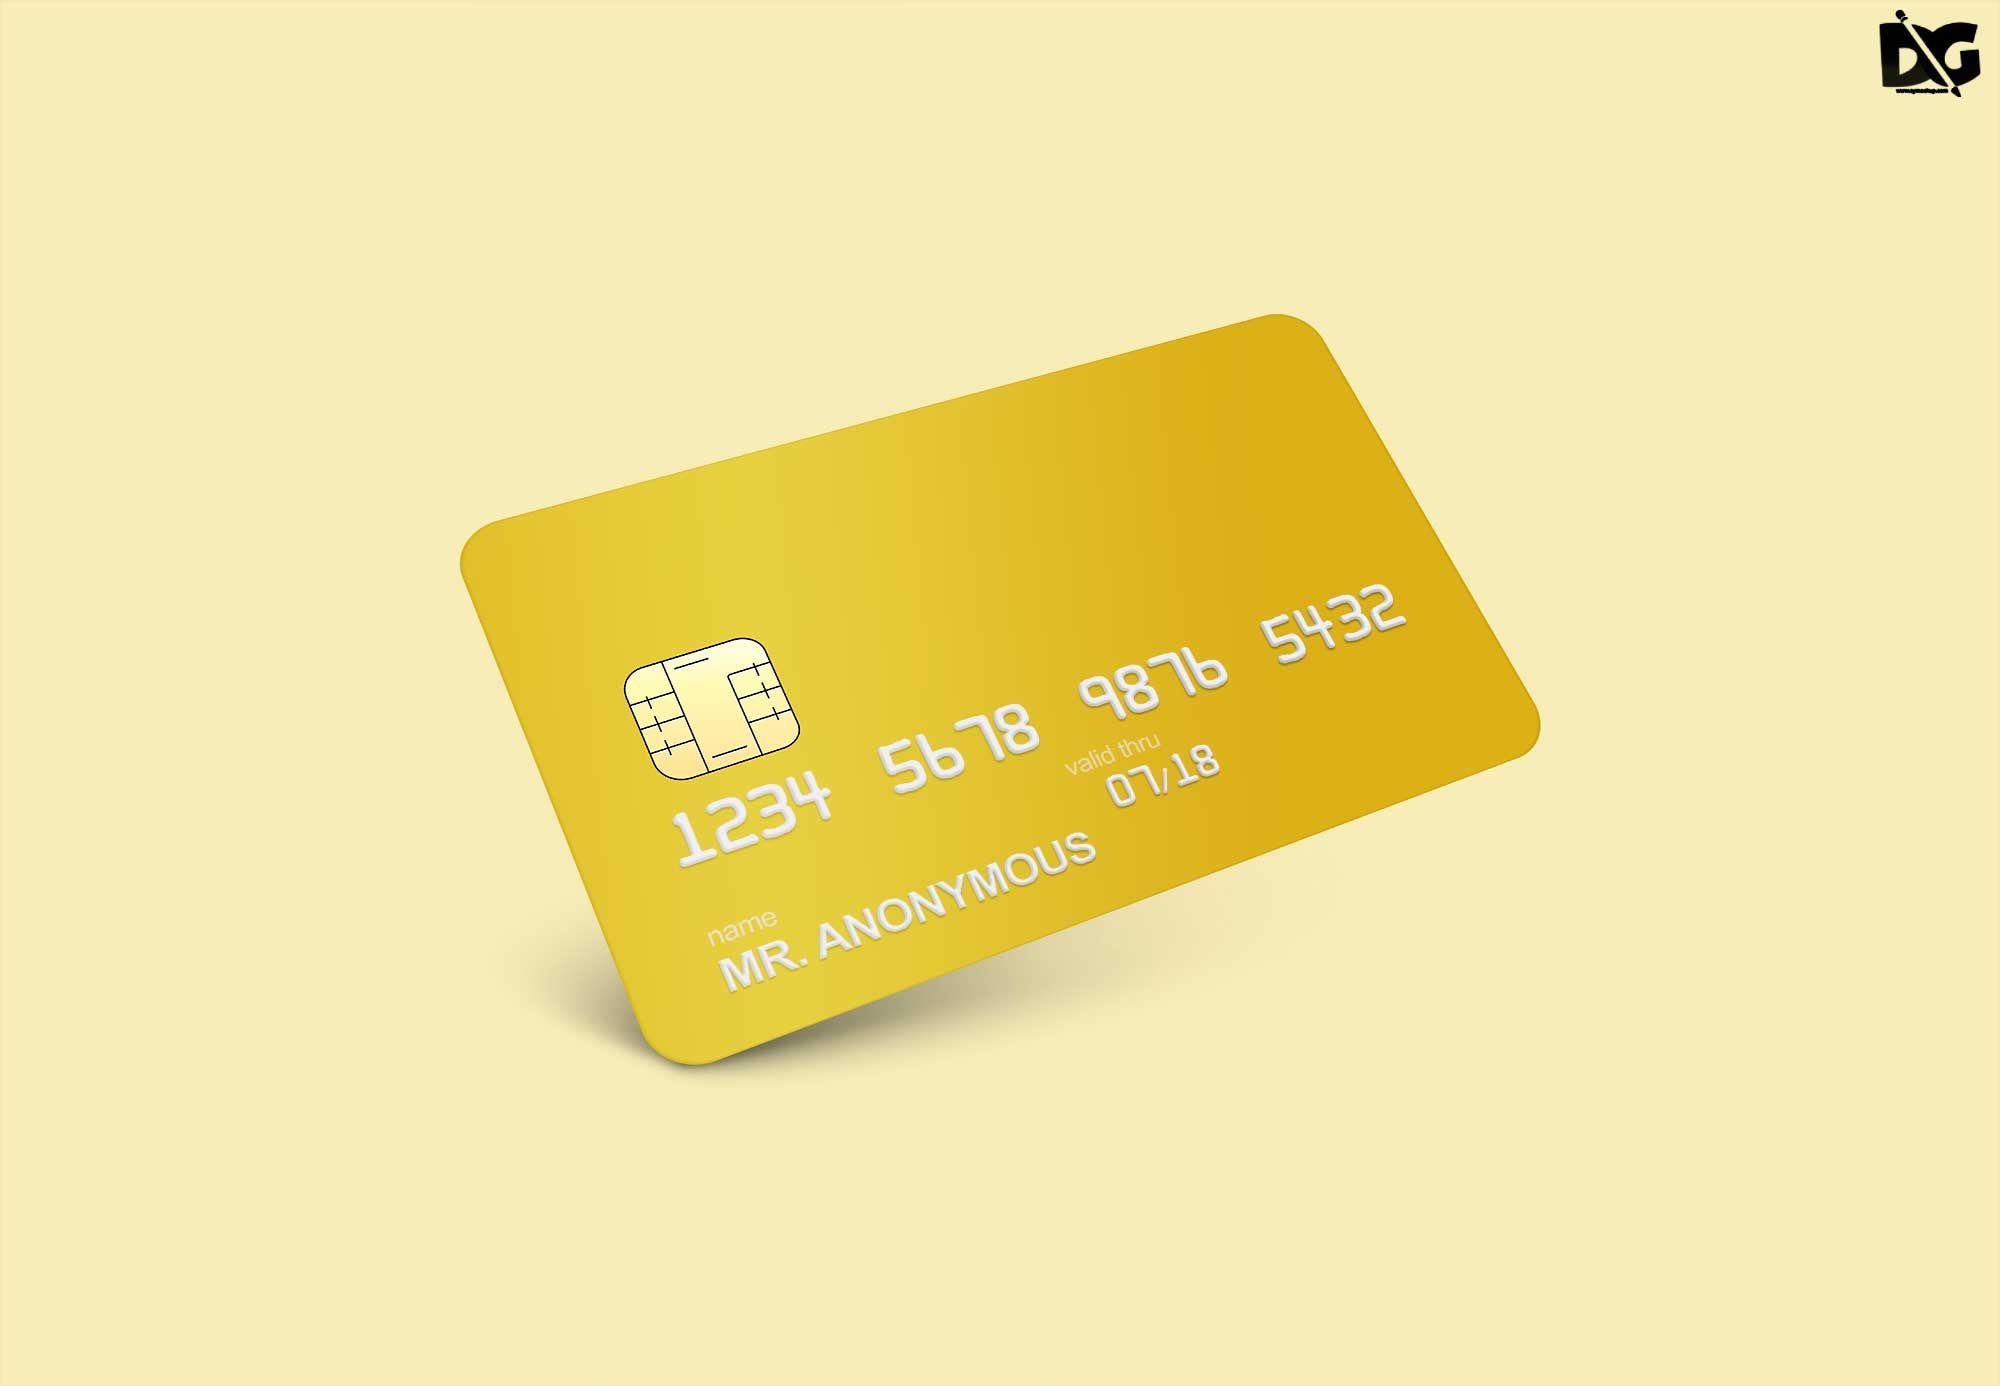 Free Credit Card Mockup Generator Free Credit Card Credit Card Business Card Mock Up